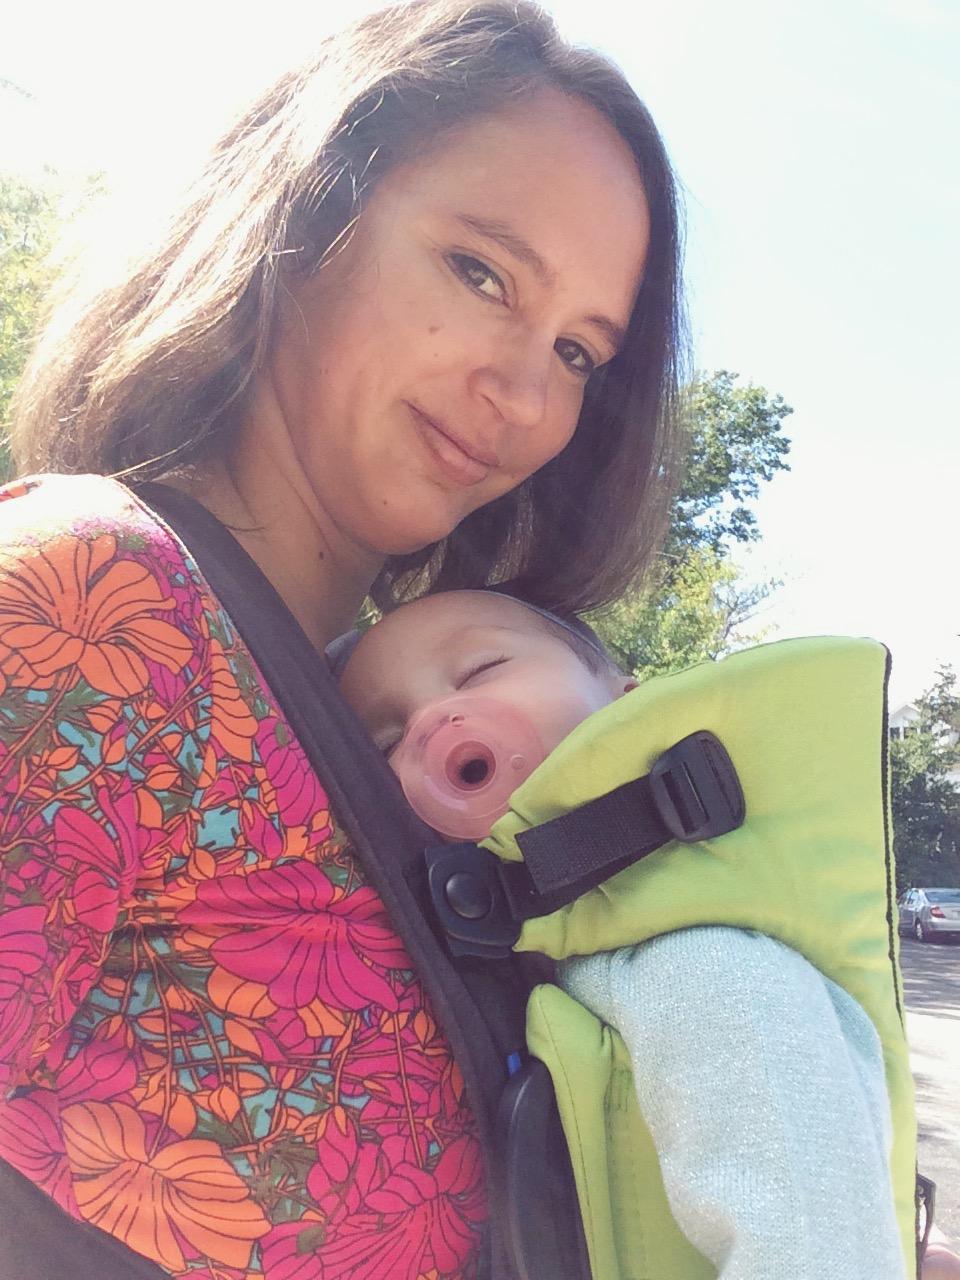 babycarrier.jpg